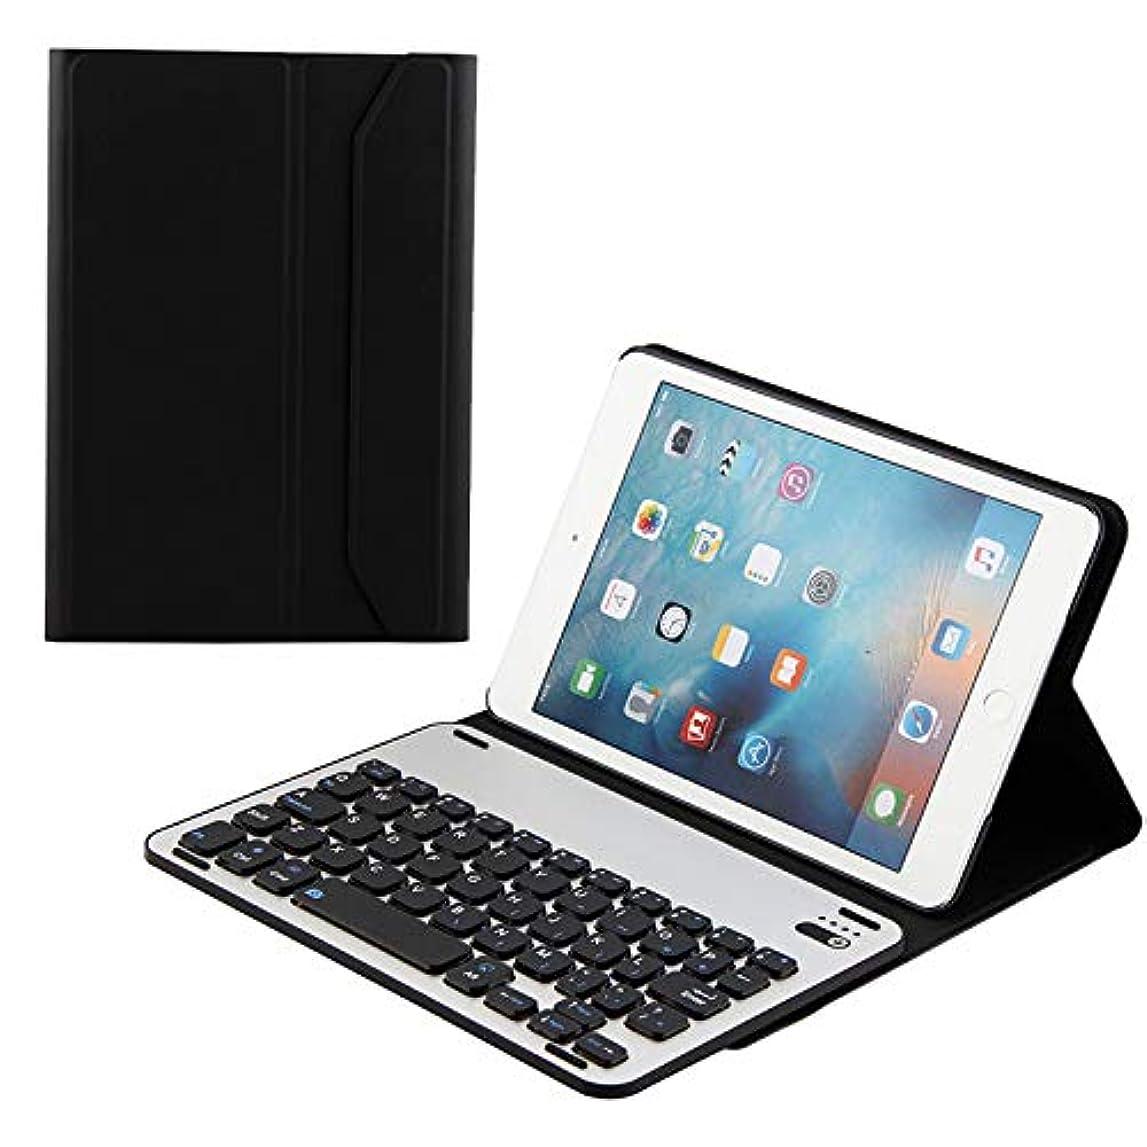 有名人オーバーヘッド正しいPhoebe 電話 シェル の iPad Mini 4, ウルトラ-薄いです TPU スリム アクセサリー Skins 電話 カバー シェル 耐衝撃性 鎧 保護者 アクセサリー フル 保護 の iPad Mini 4